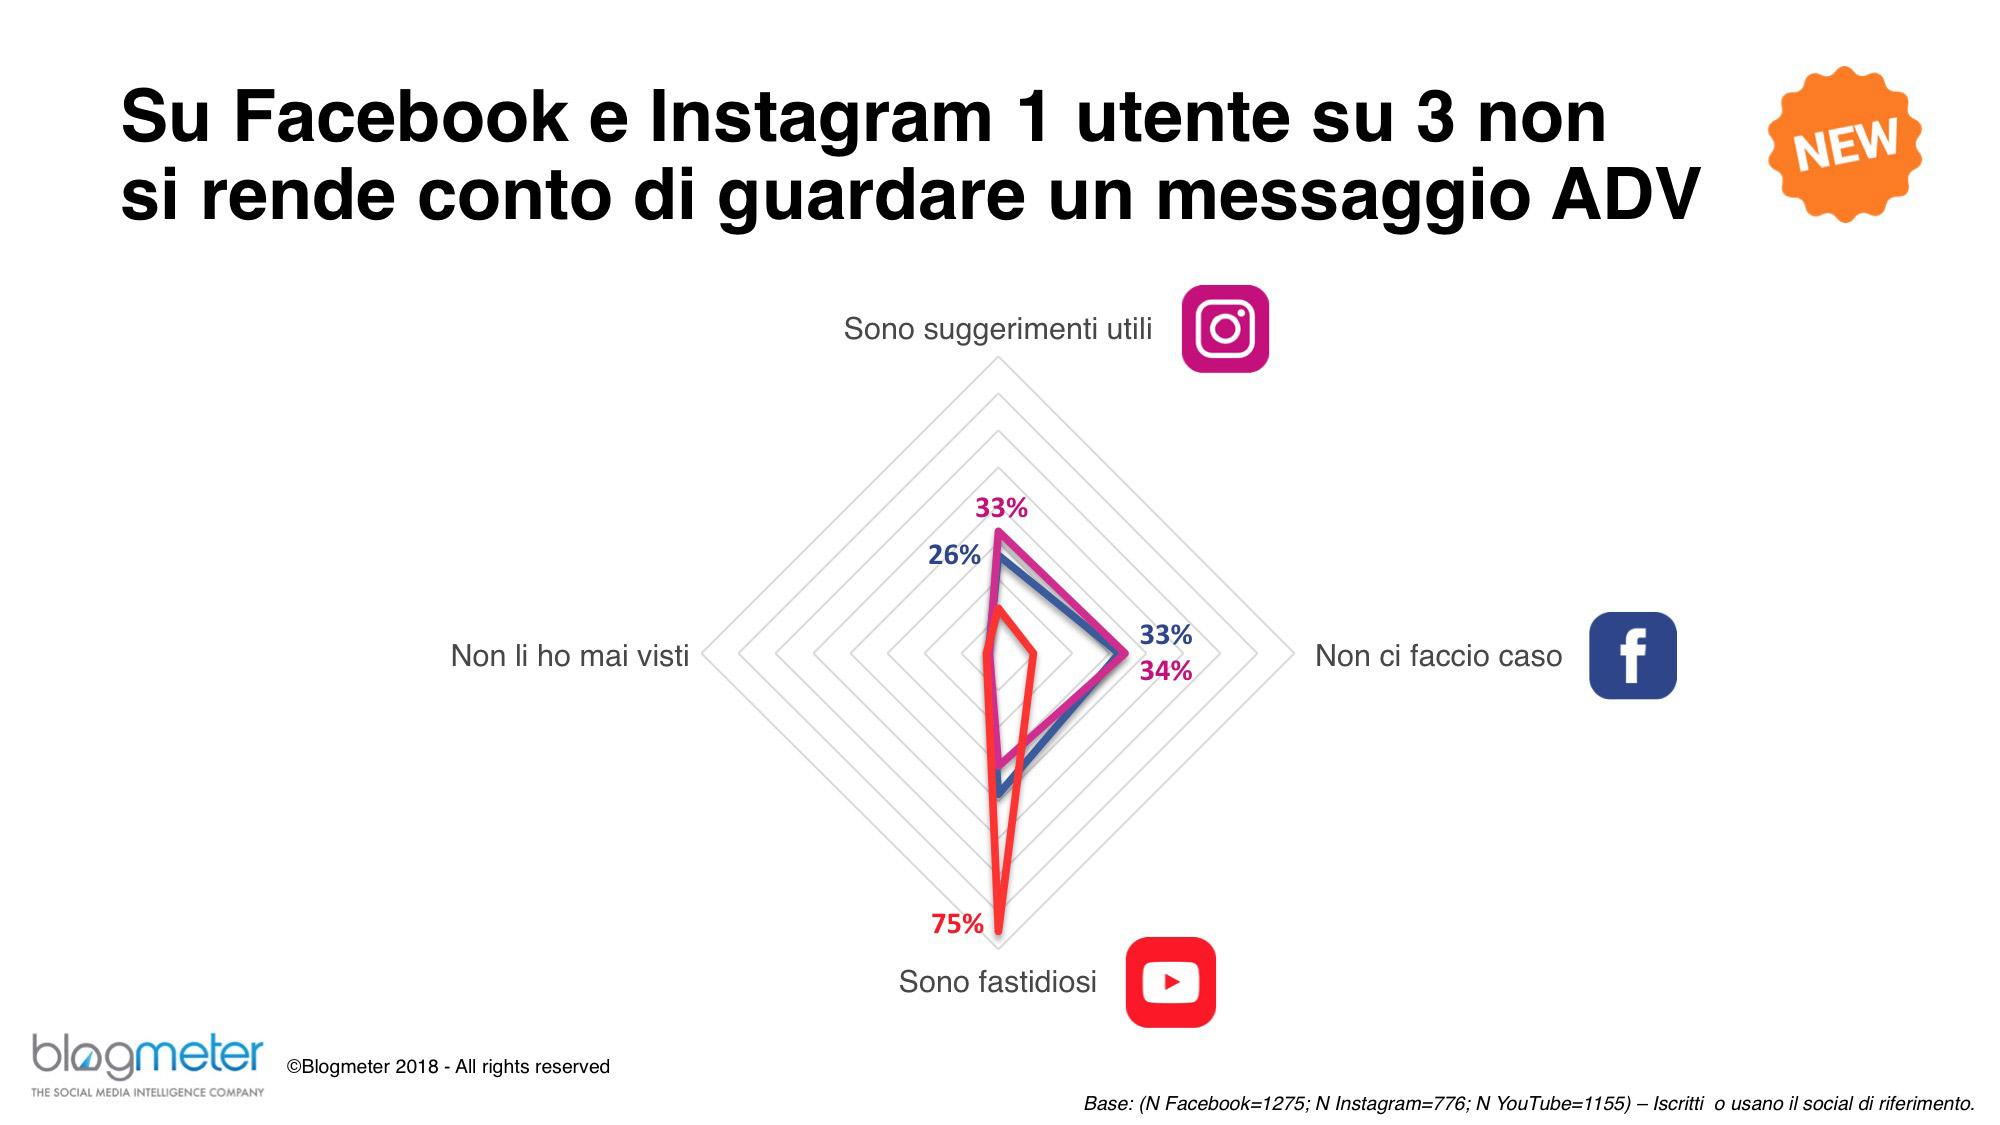 social media pubblicità - Web. Report 2018 di Blogmeter su Italiani e Social Media: Whatsapp il social più utilizzato. 1 solo utente su 3 in grado di riconoscere contenuti pubblicitari